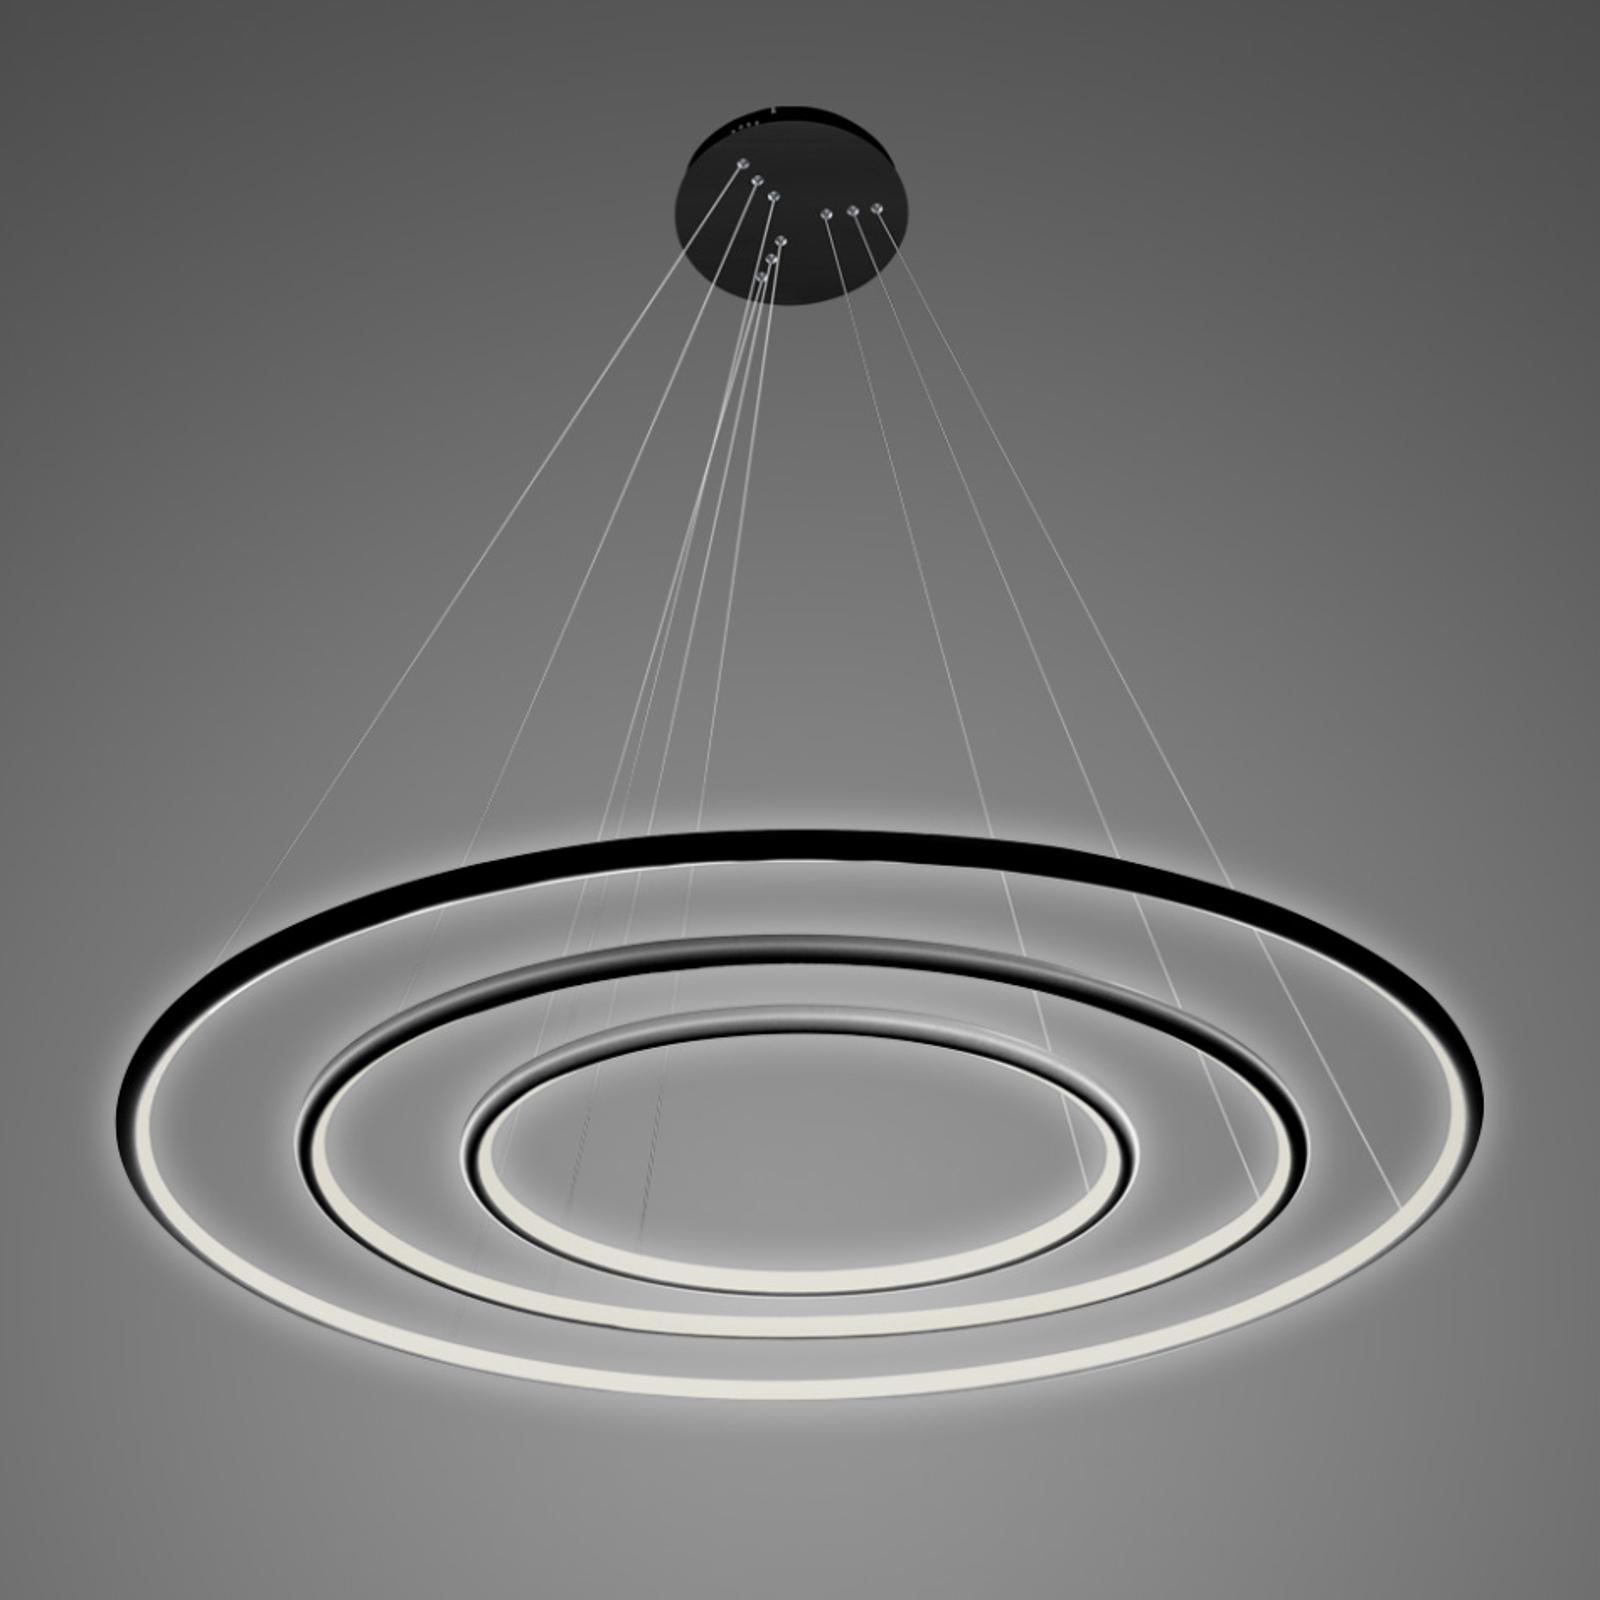 Hanglamp LA075 3-lamps 80cm zwart 4.000 K